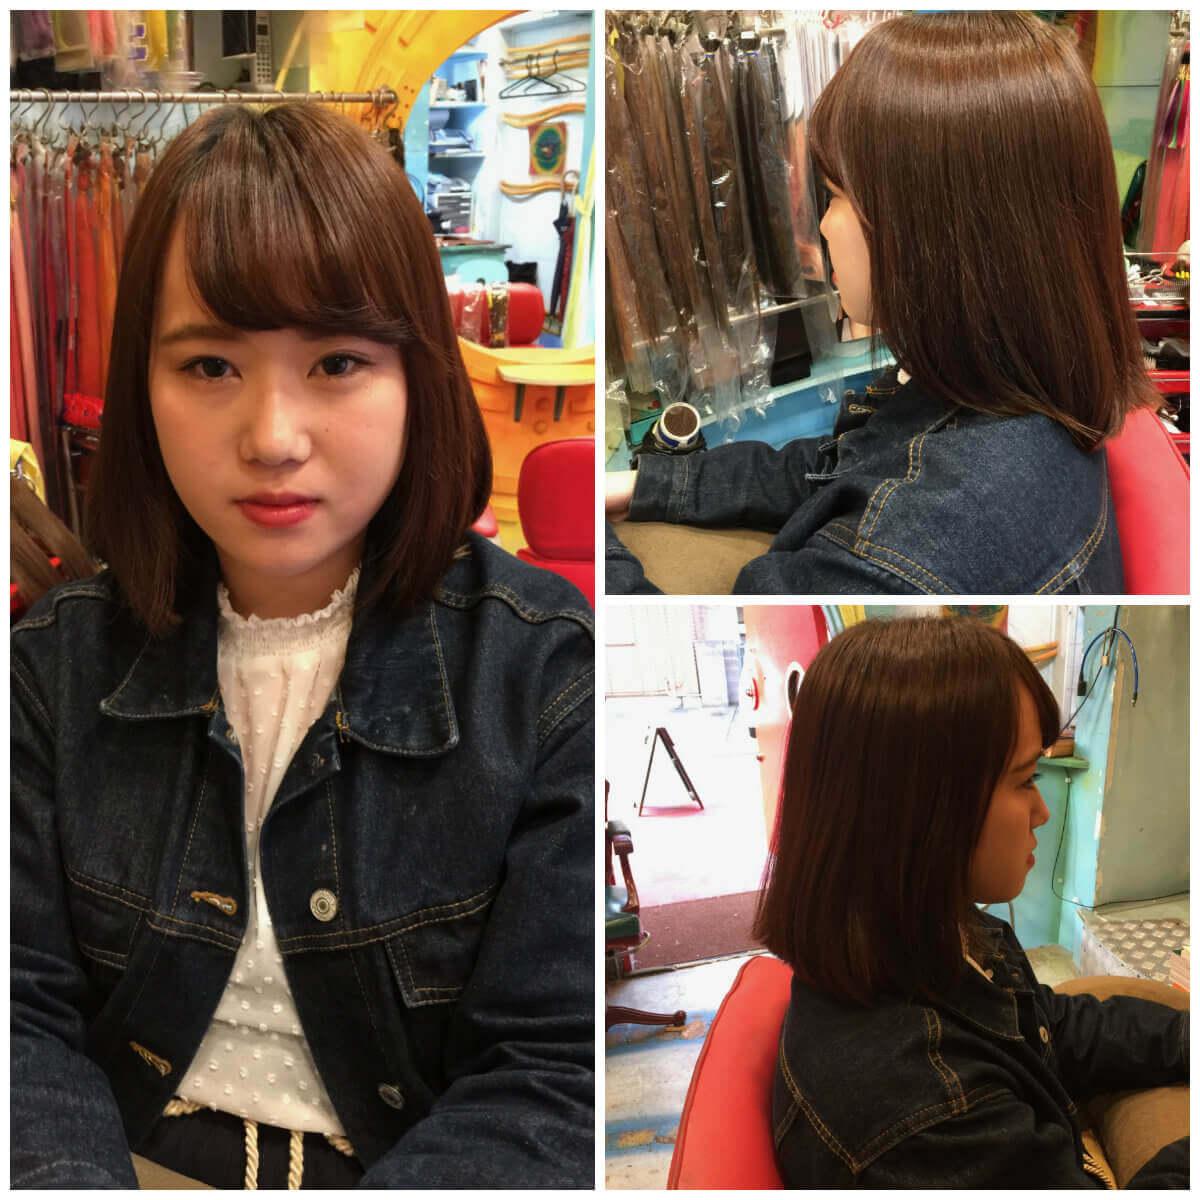 日本一馴染むエクステ専門店セクション Before & After ボブにエクステ⑦ Before